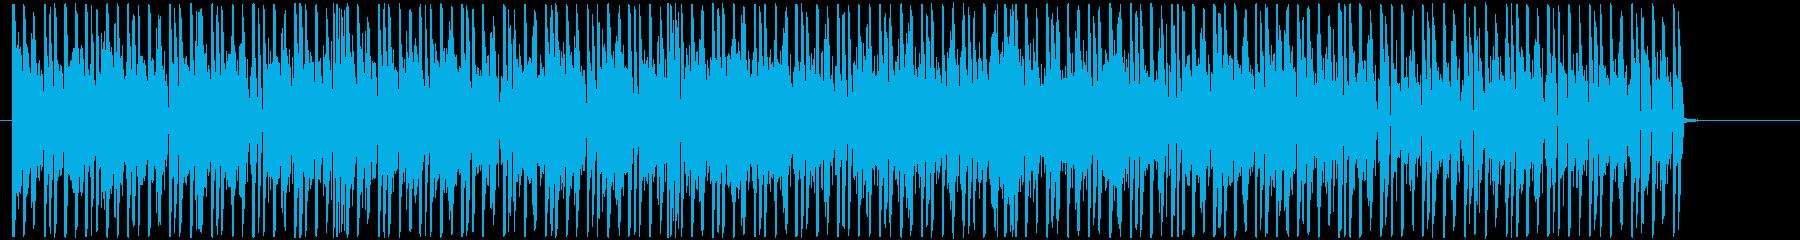 慌ただしい にぎやか ほのぼの さわやかの再生済みの波形